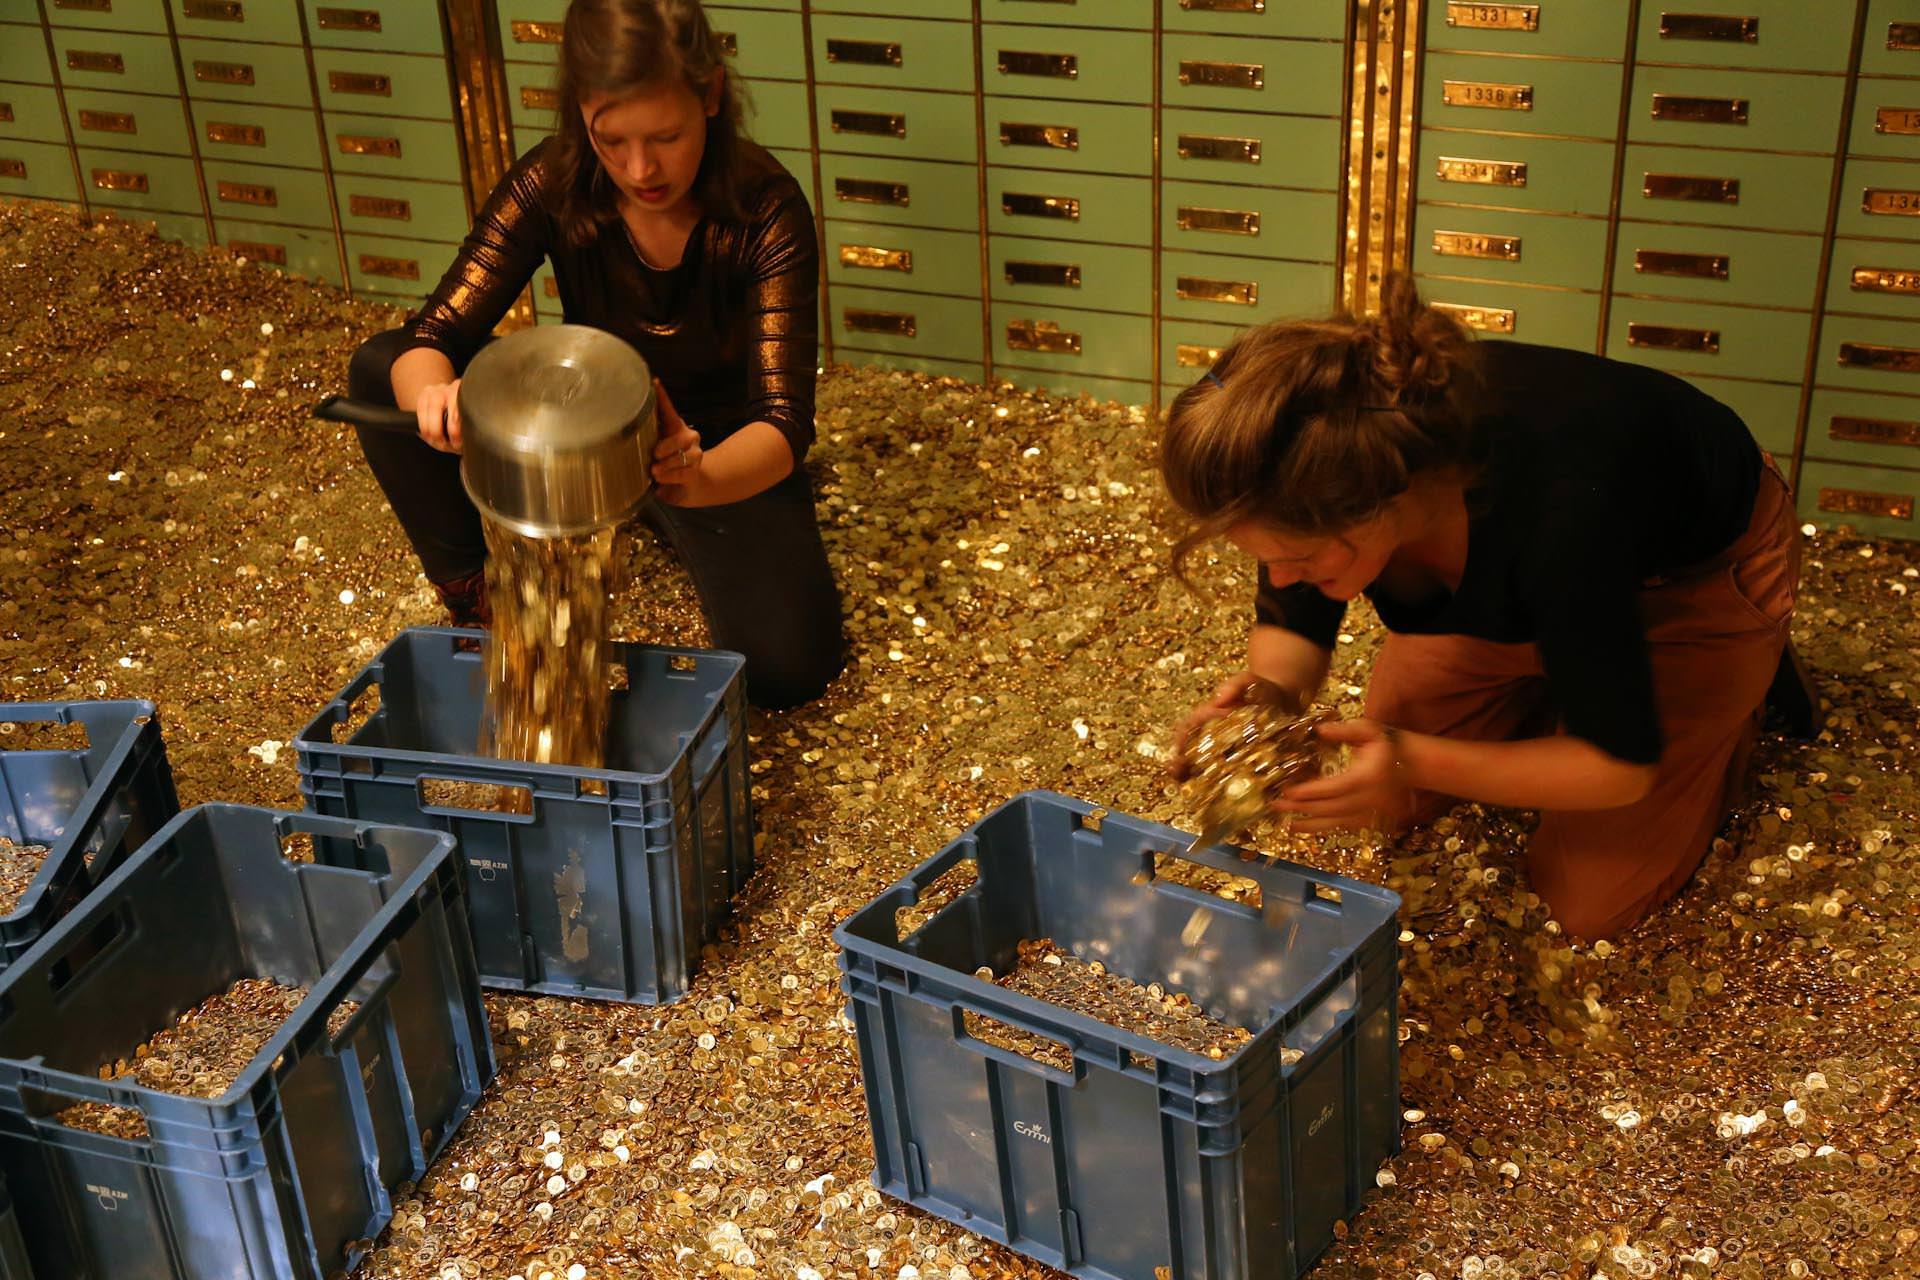 Dann müssen die Münzen kistenweise aus dem Tresor transportiert werden...